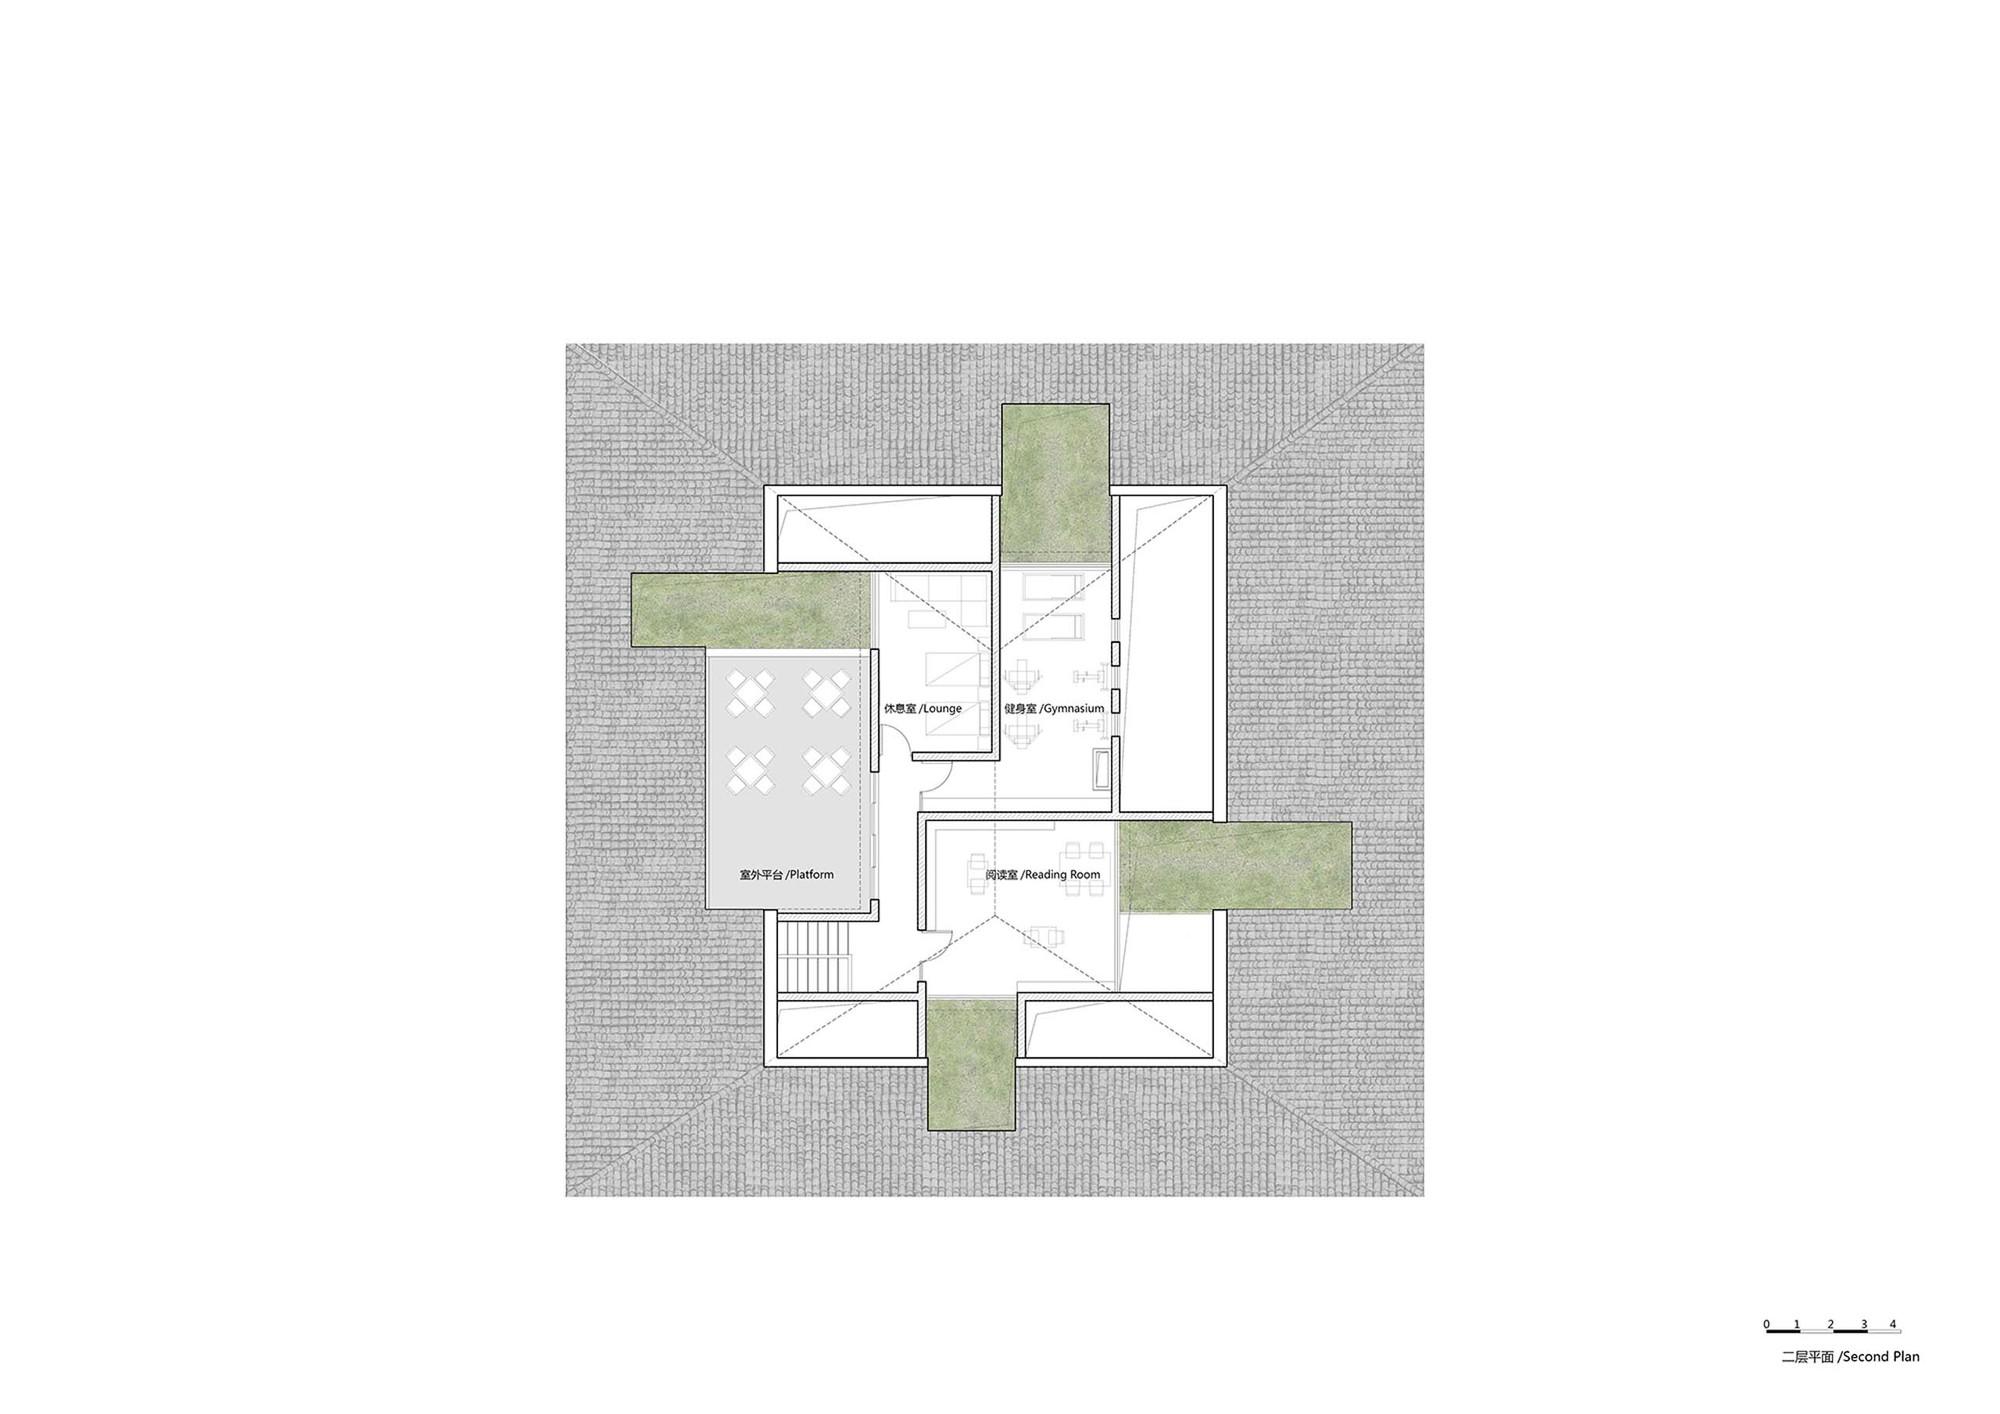 四川小石村文化大院建筑设计 / 时地建筑工作室